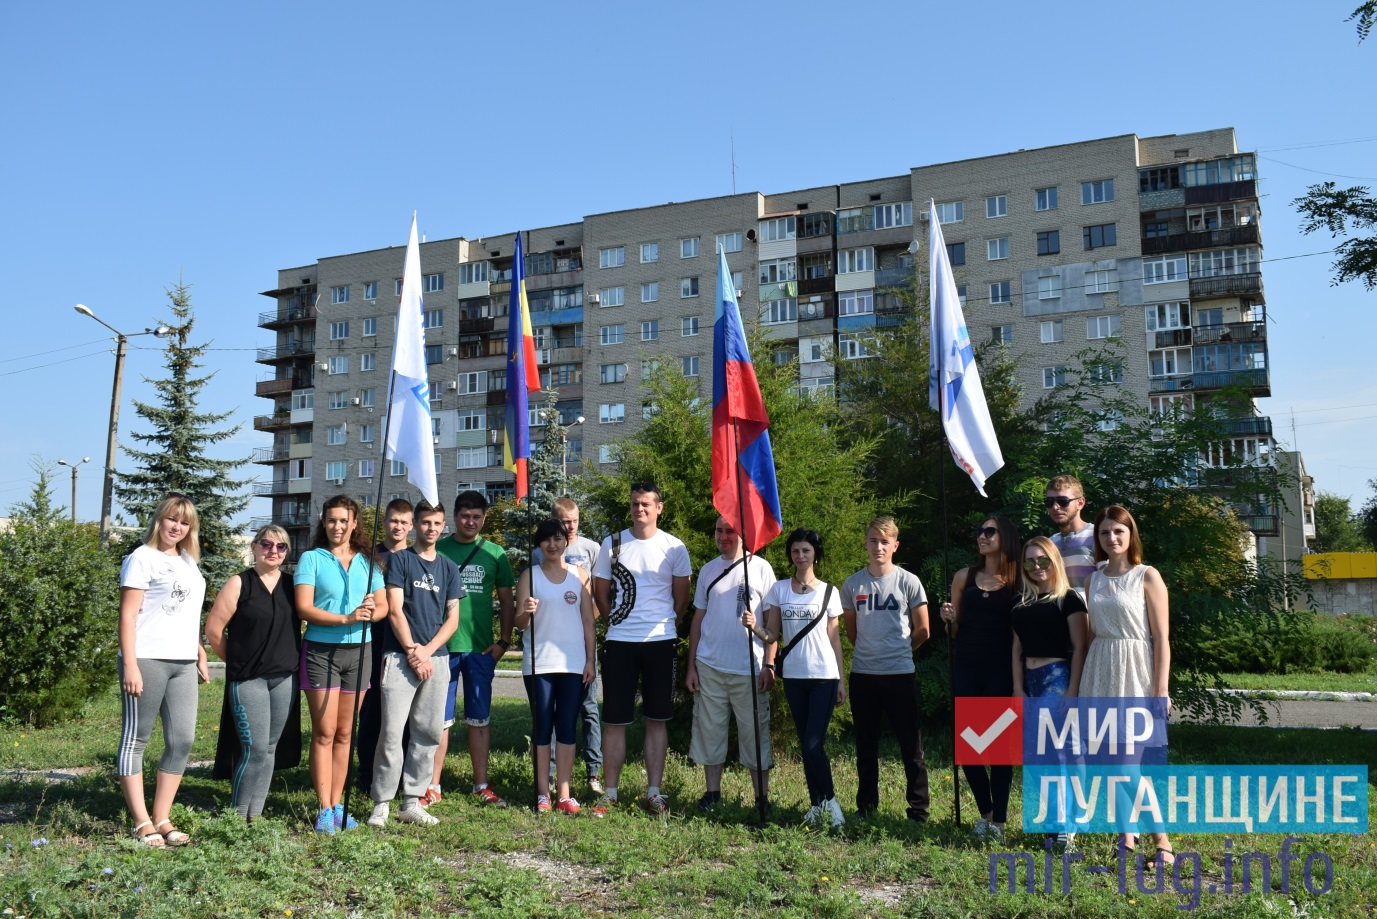 Комплекс мероприятий, посвящённых Дню физкультурника, прошел в Первомайске 1